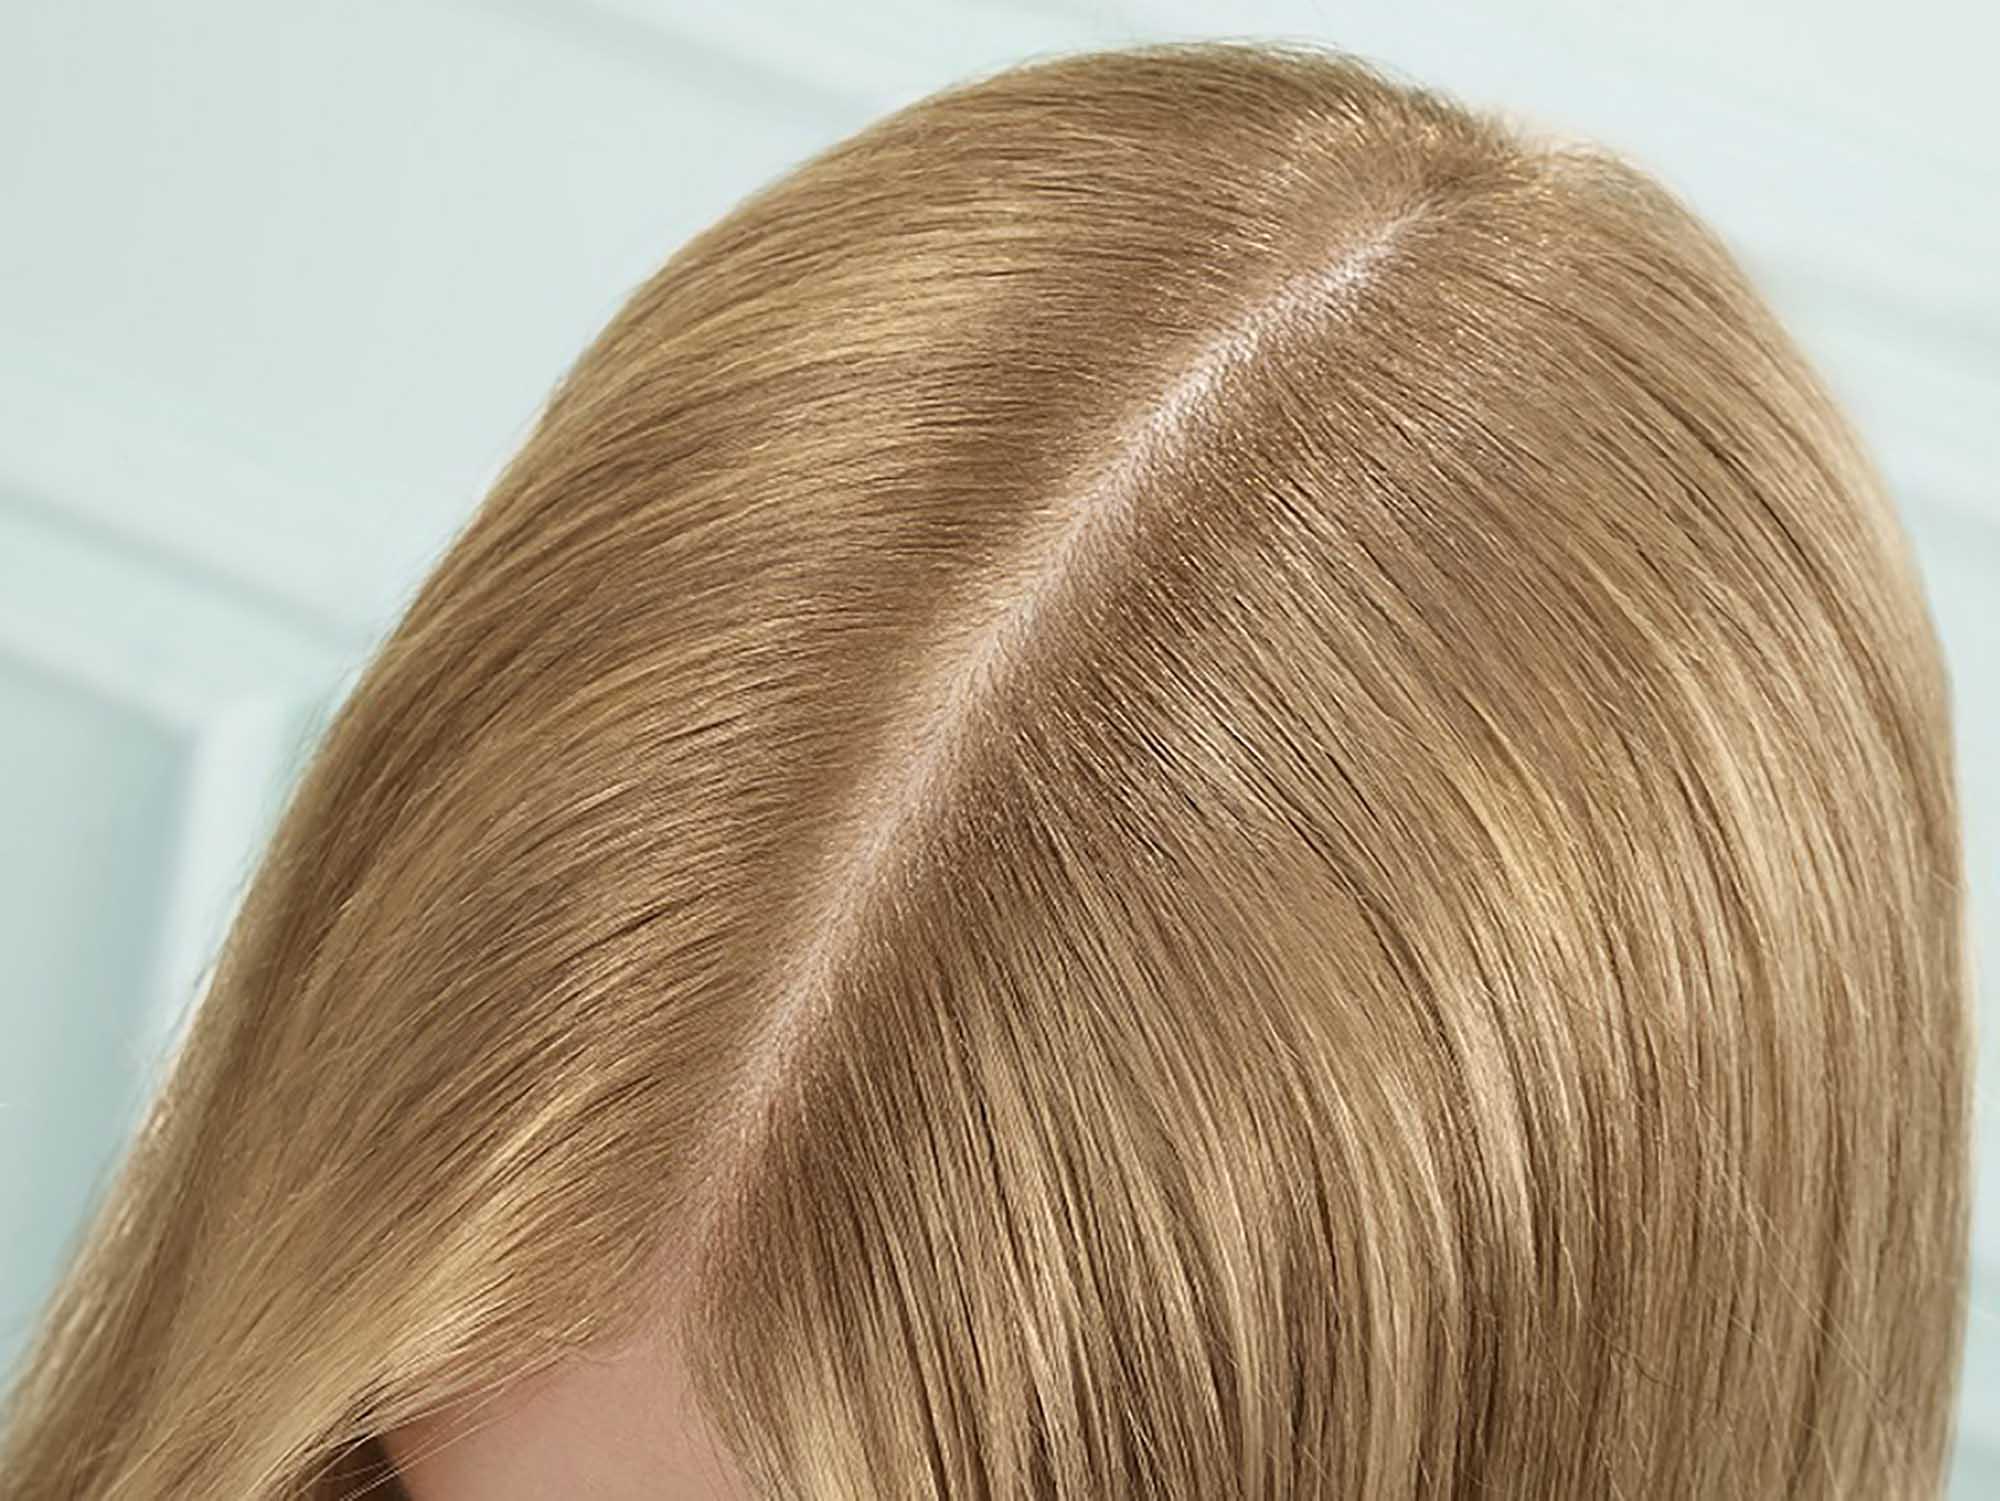 מגיק ריטאץ לצבועות שיער בלונדיני לוריאל פריז מחיר השקה ינואר 2020 29.90שח במקום 49.90שח צילום יחצ חול (1)3